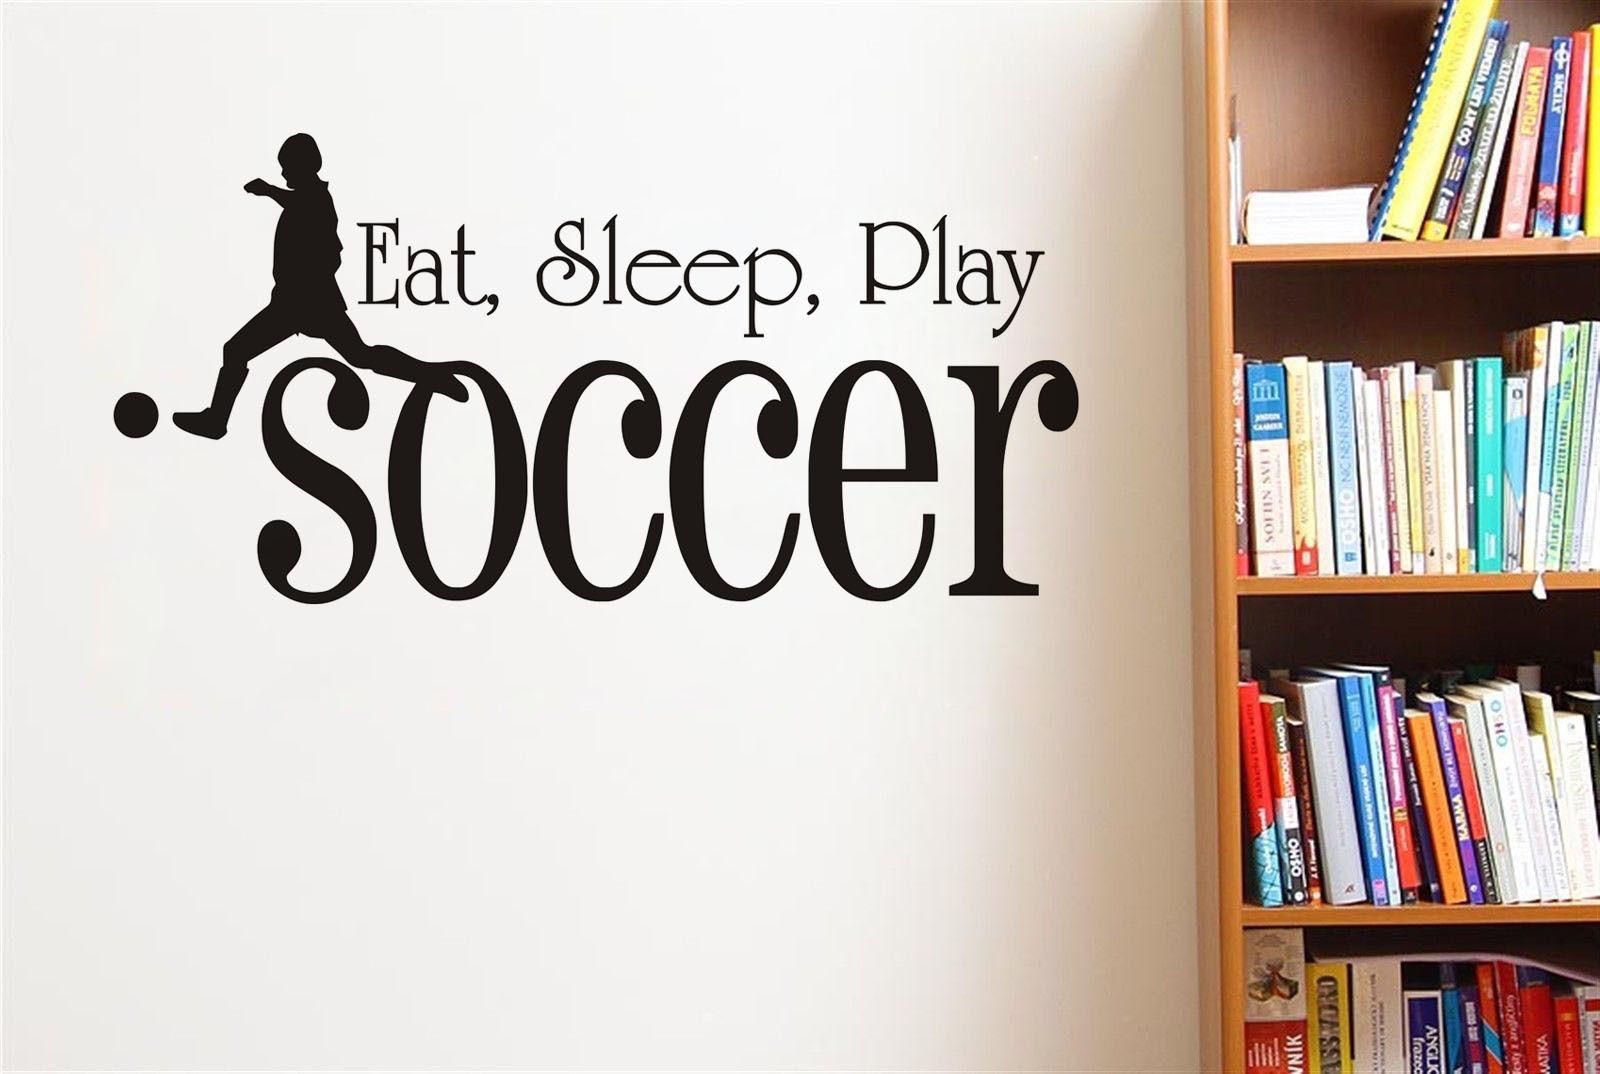 4d1e98fd8 أكل النوم يلعب كرة لاعب خيال ديكور المنزل الفينيل الجدار ملصق الرياضة شحن  مجاني